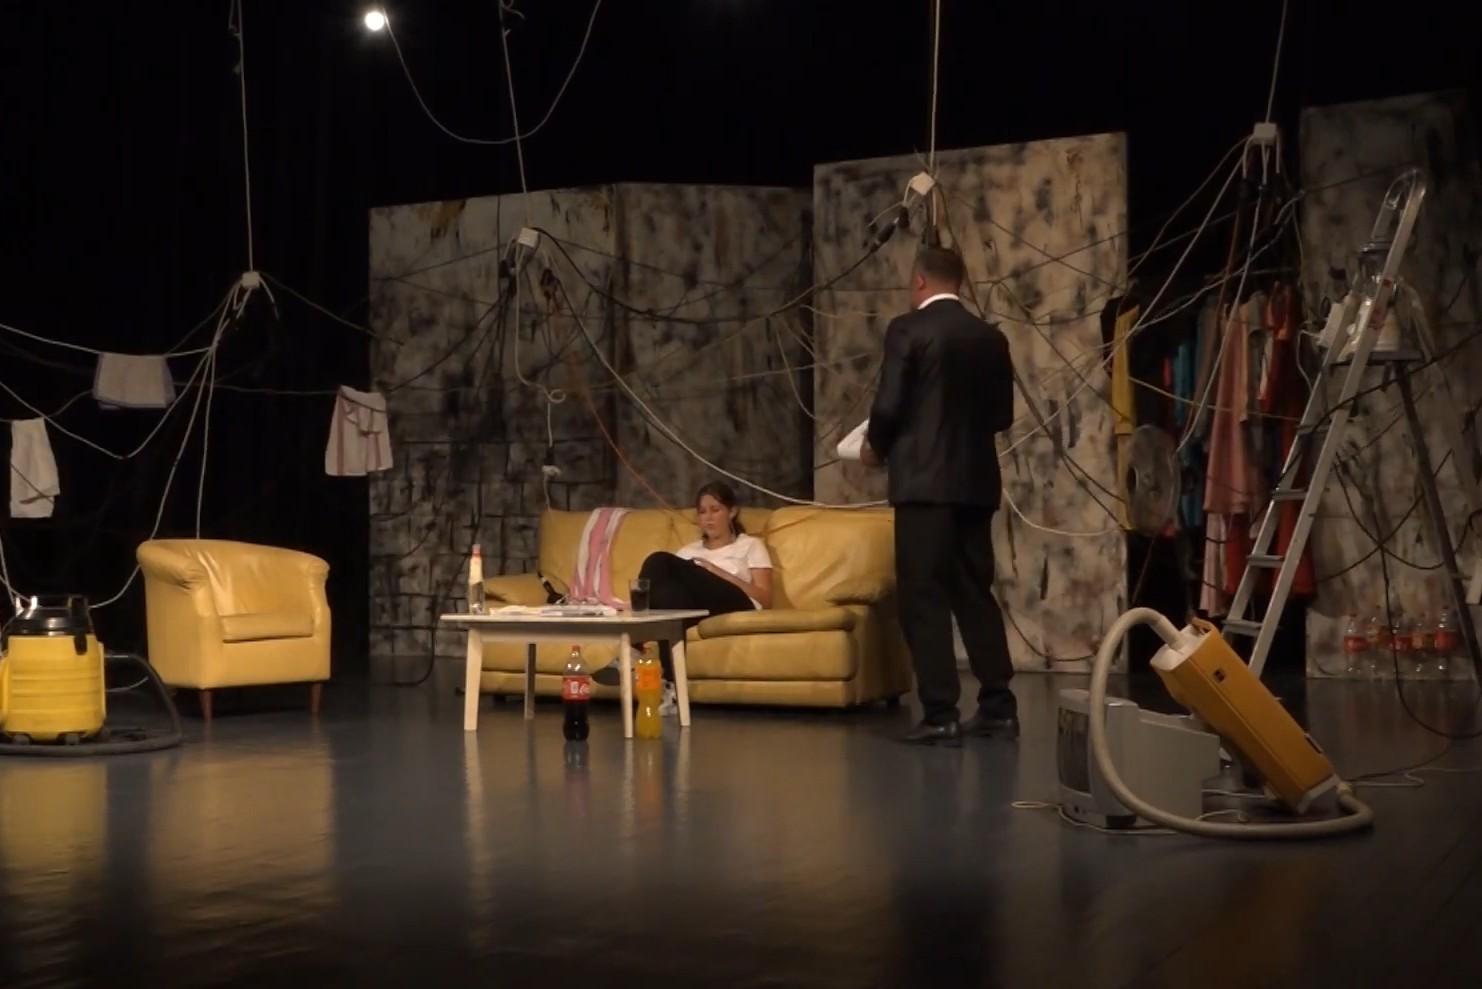 Scena iz jedne predstave na 64. Festivalu festivala u Trebinju (Foto: Snimak ekrana/Jutjub/Herceg Televizija)